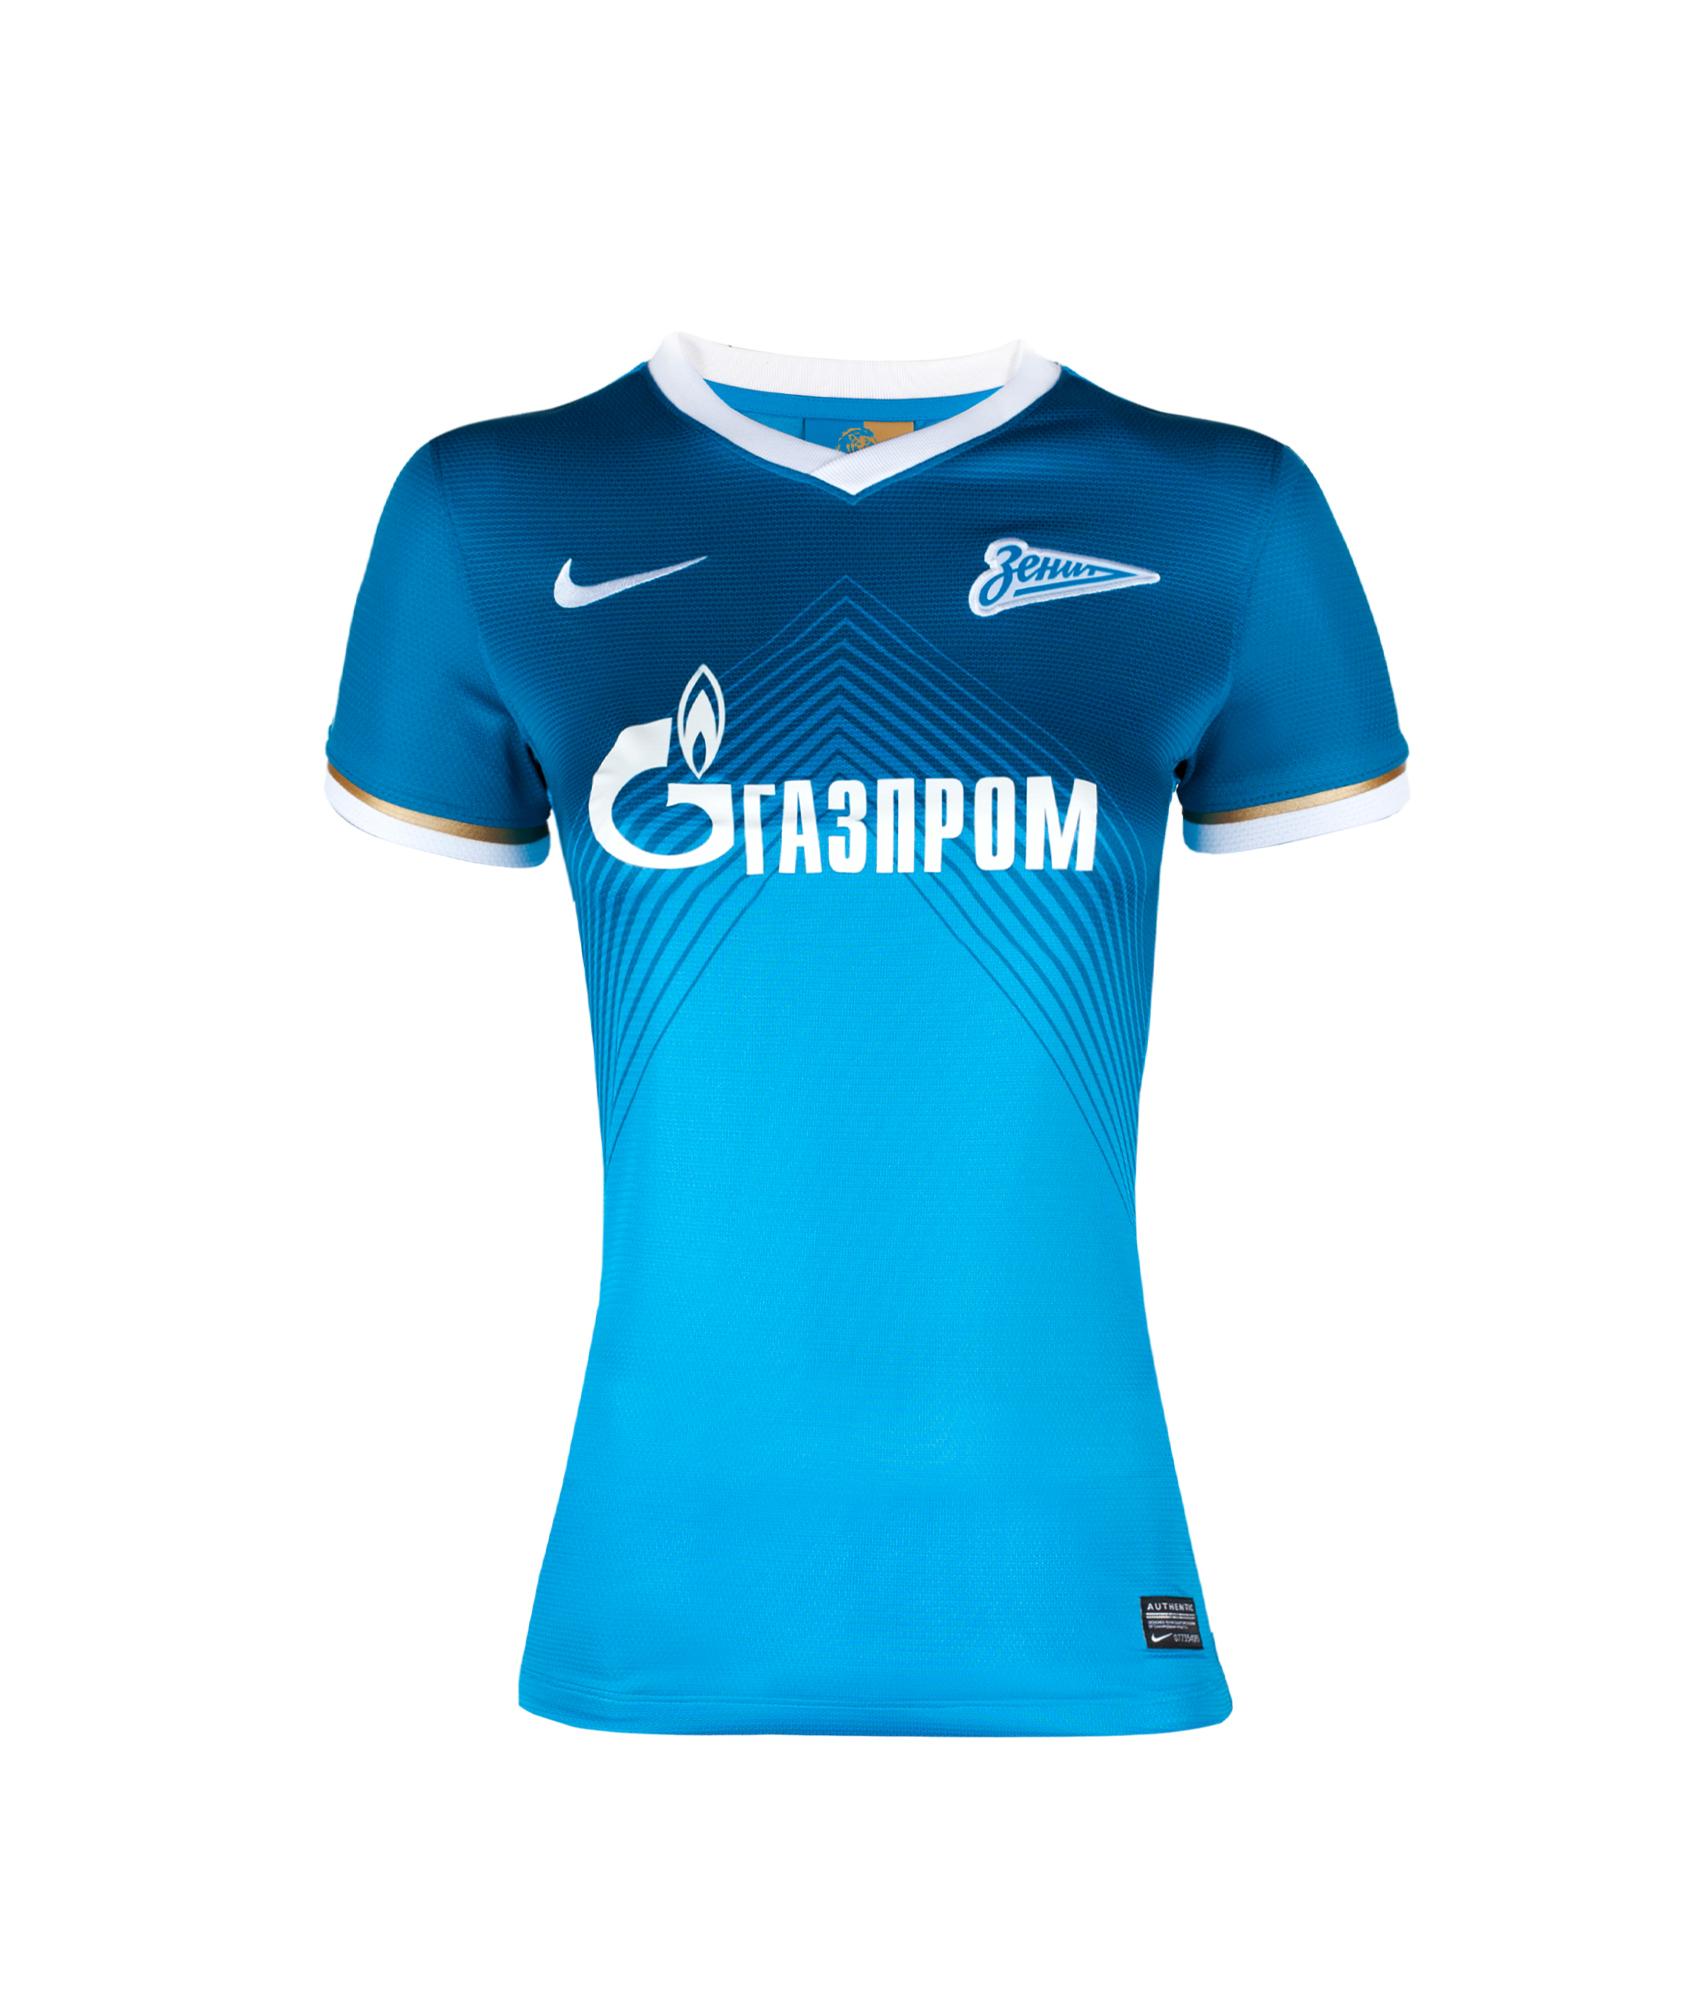 Женская игровая футболка, Цвет-Синий, Размер-XS